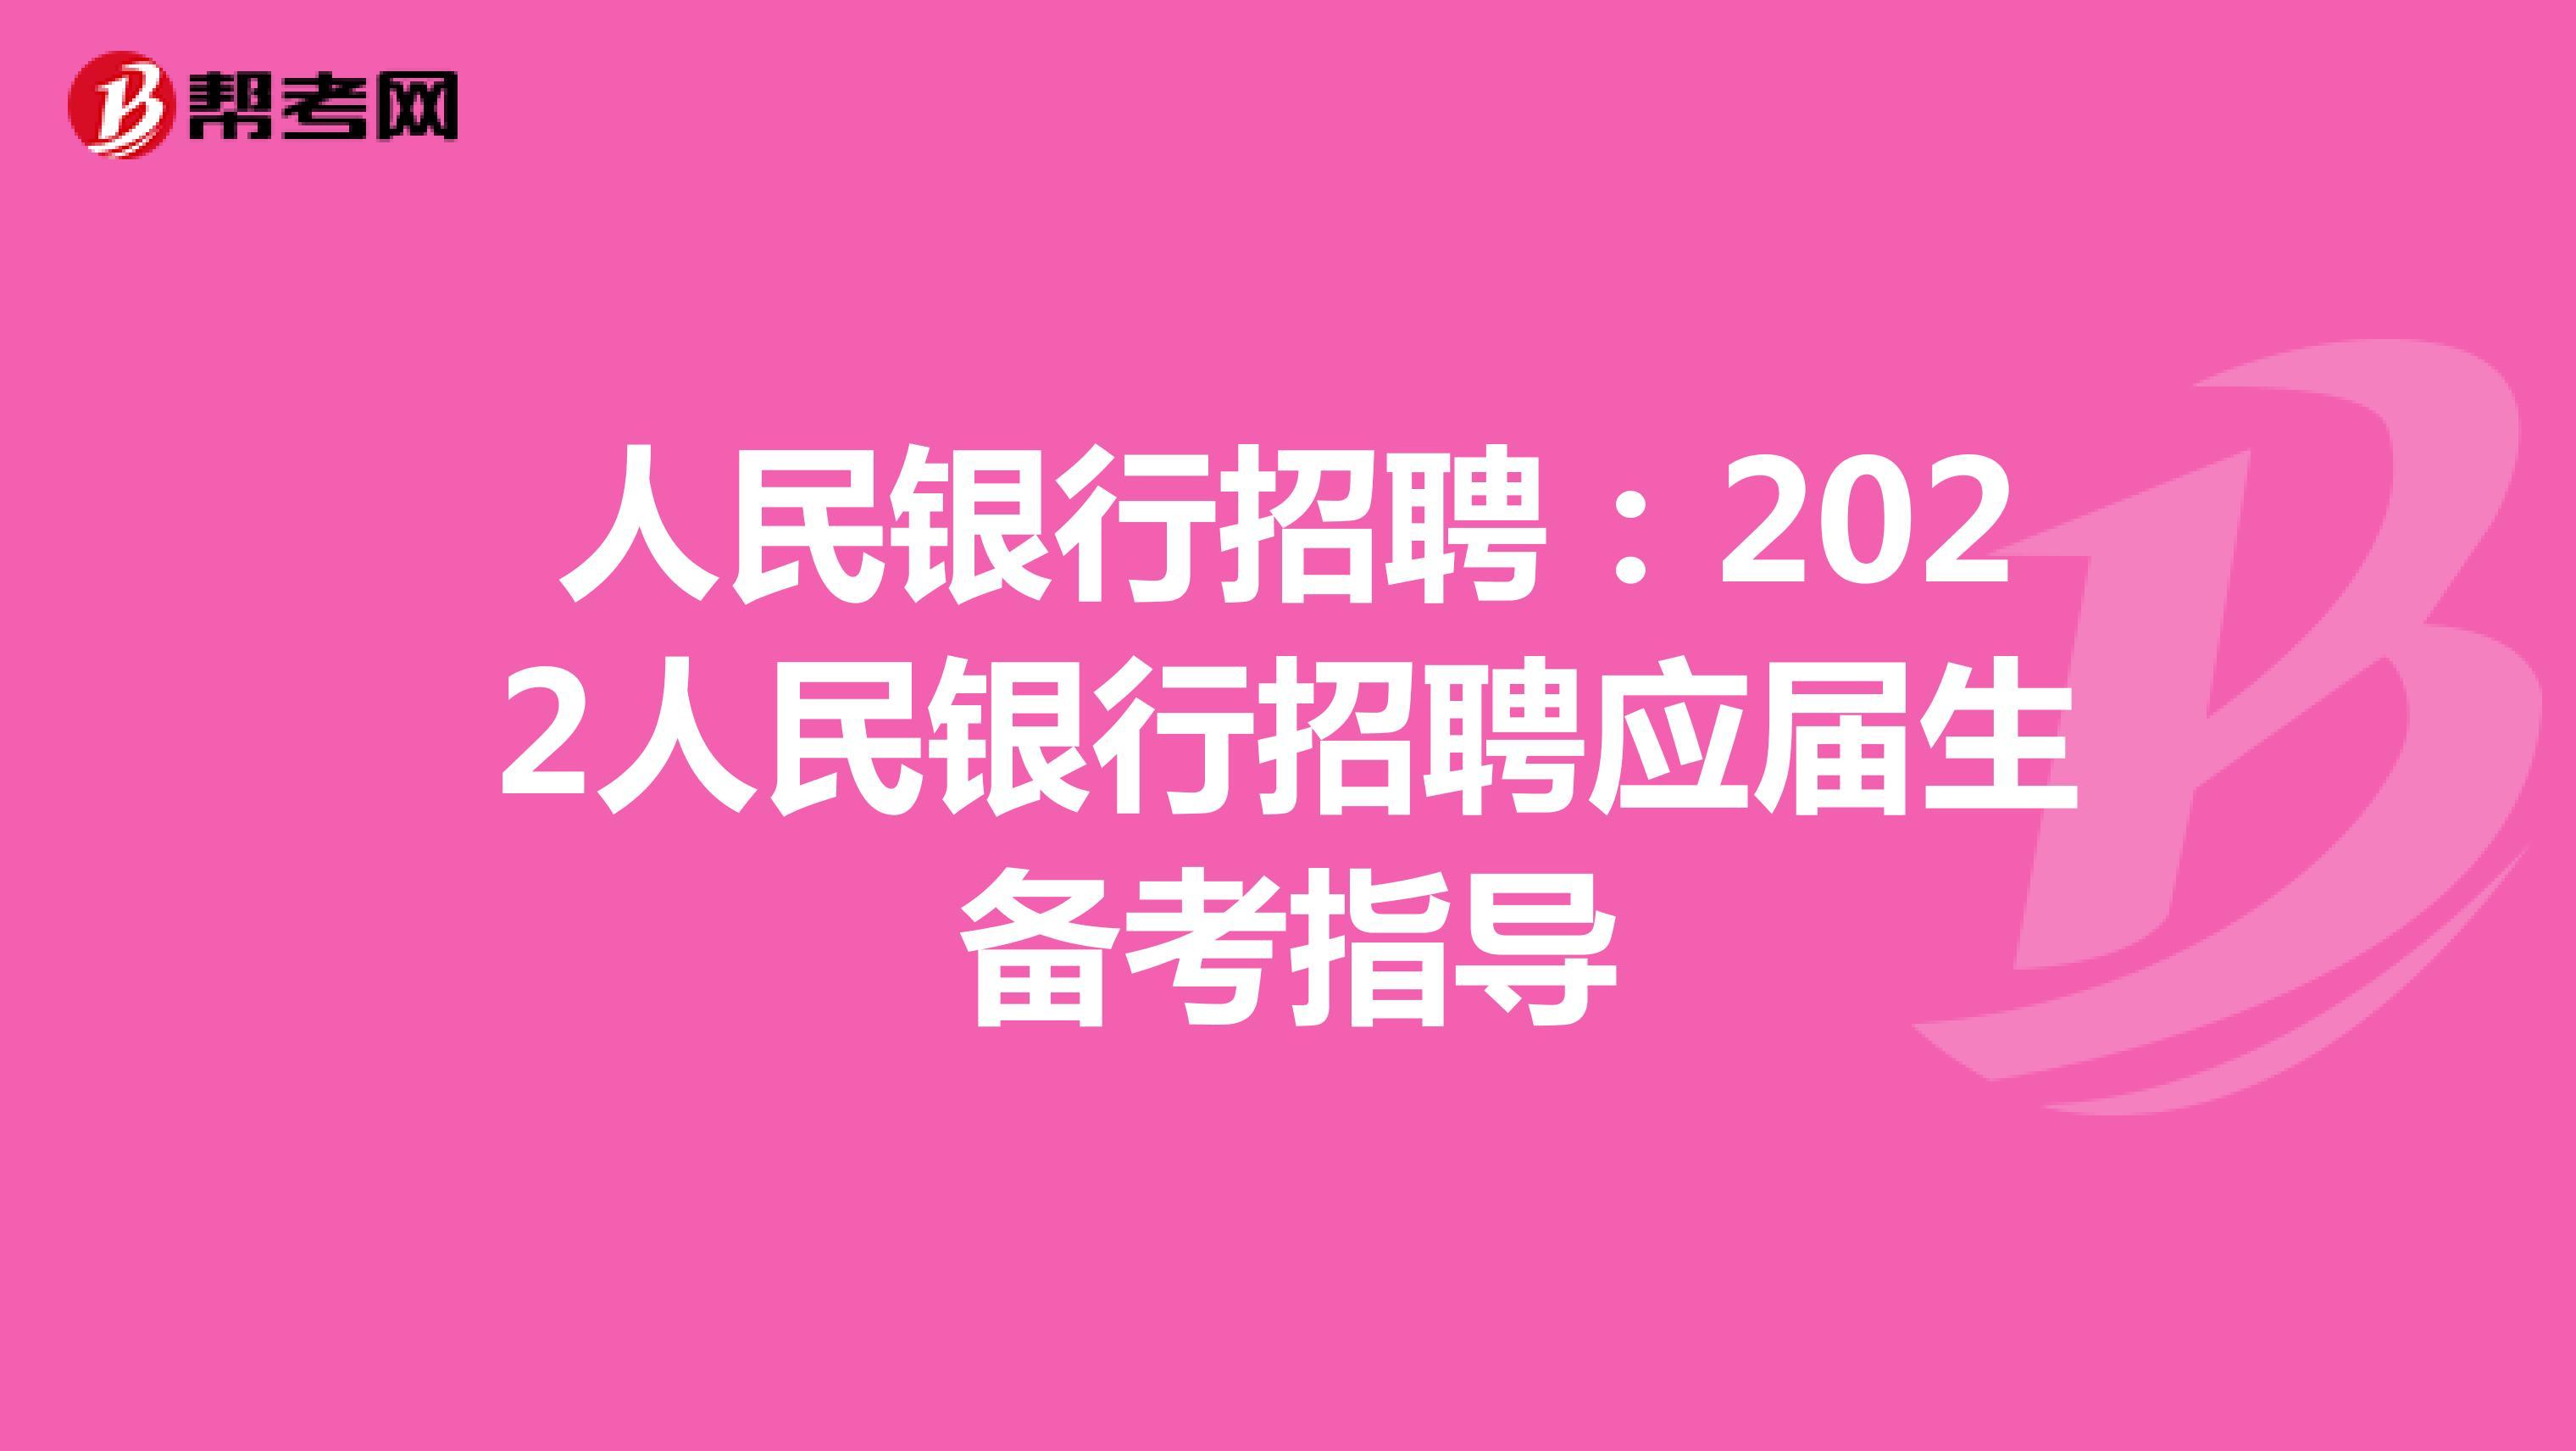 人民银行招聘:2022人民银行招聘应届生备考指导